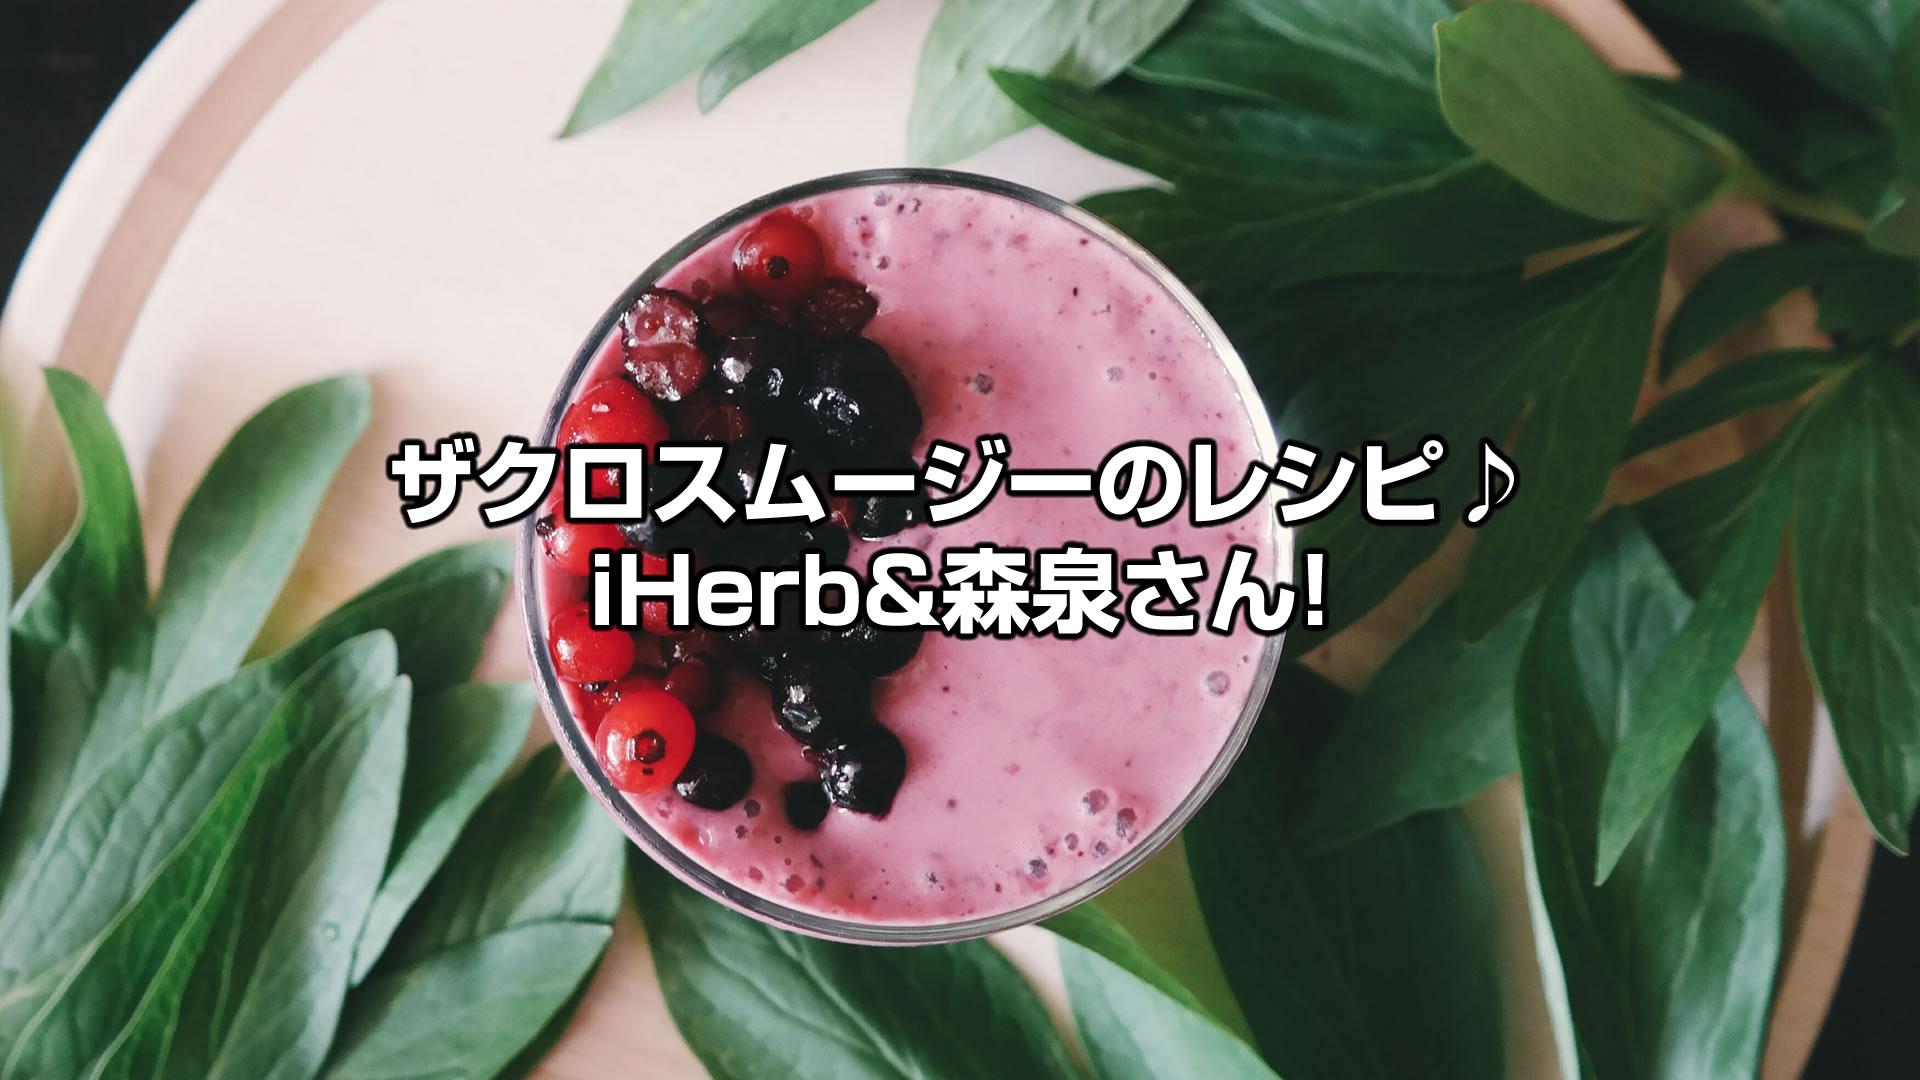 iHerb(アイハーブ)と森泉さんのザクロスムージーの作り方!